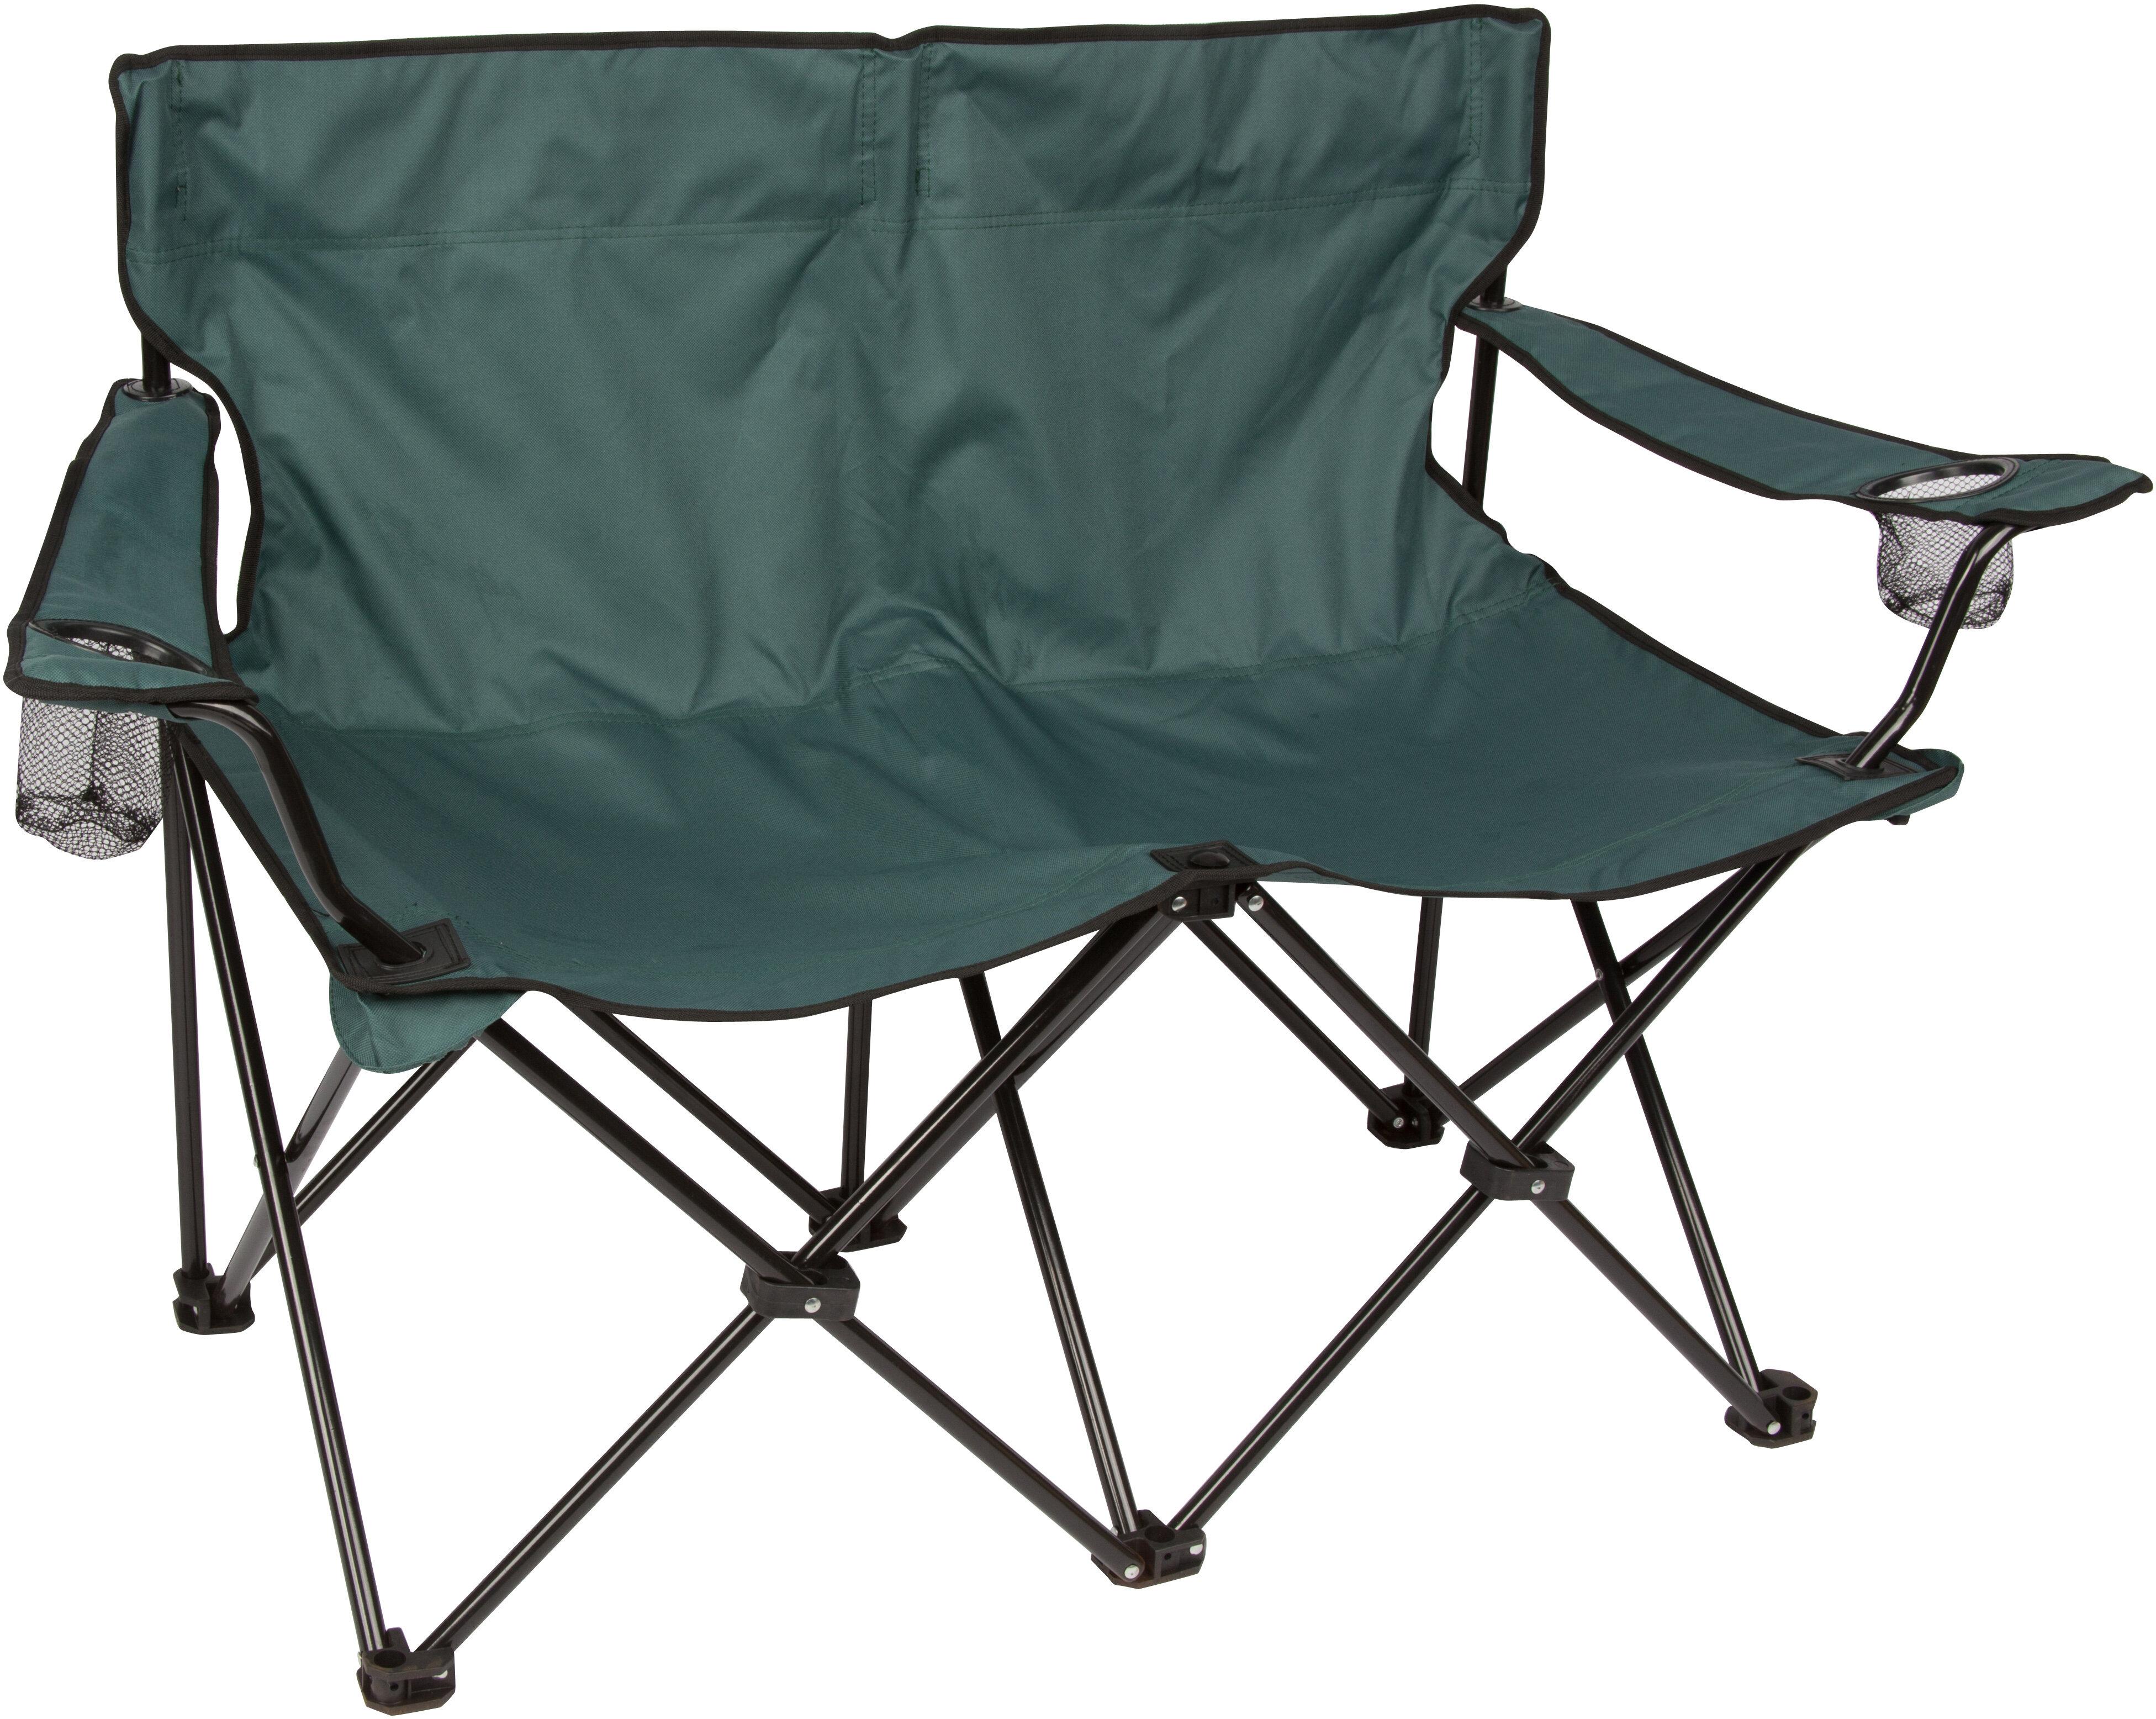 sc 1 st  Wayfair & Trademark Innovations Loveseat Folding Camping Chair   Wayfair